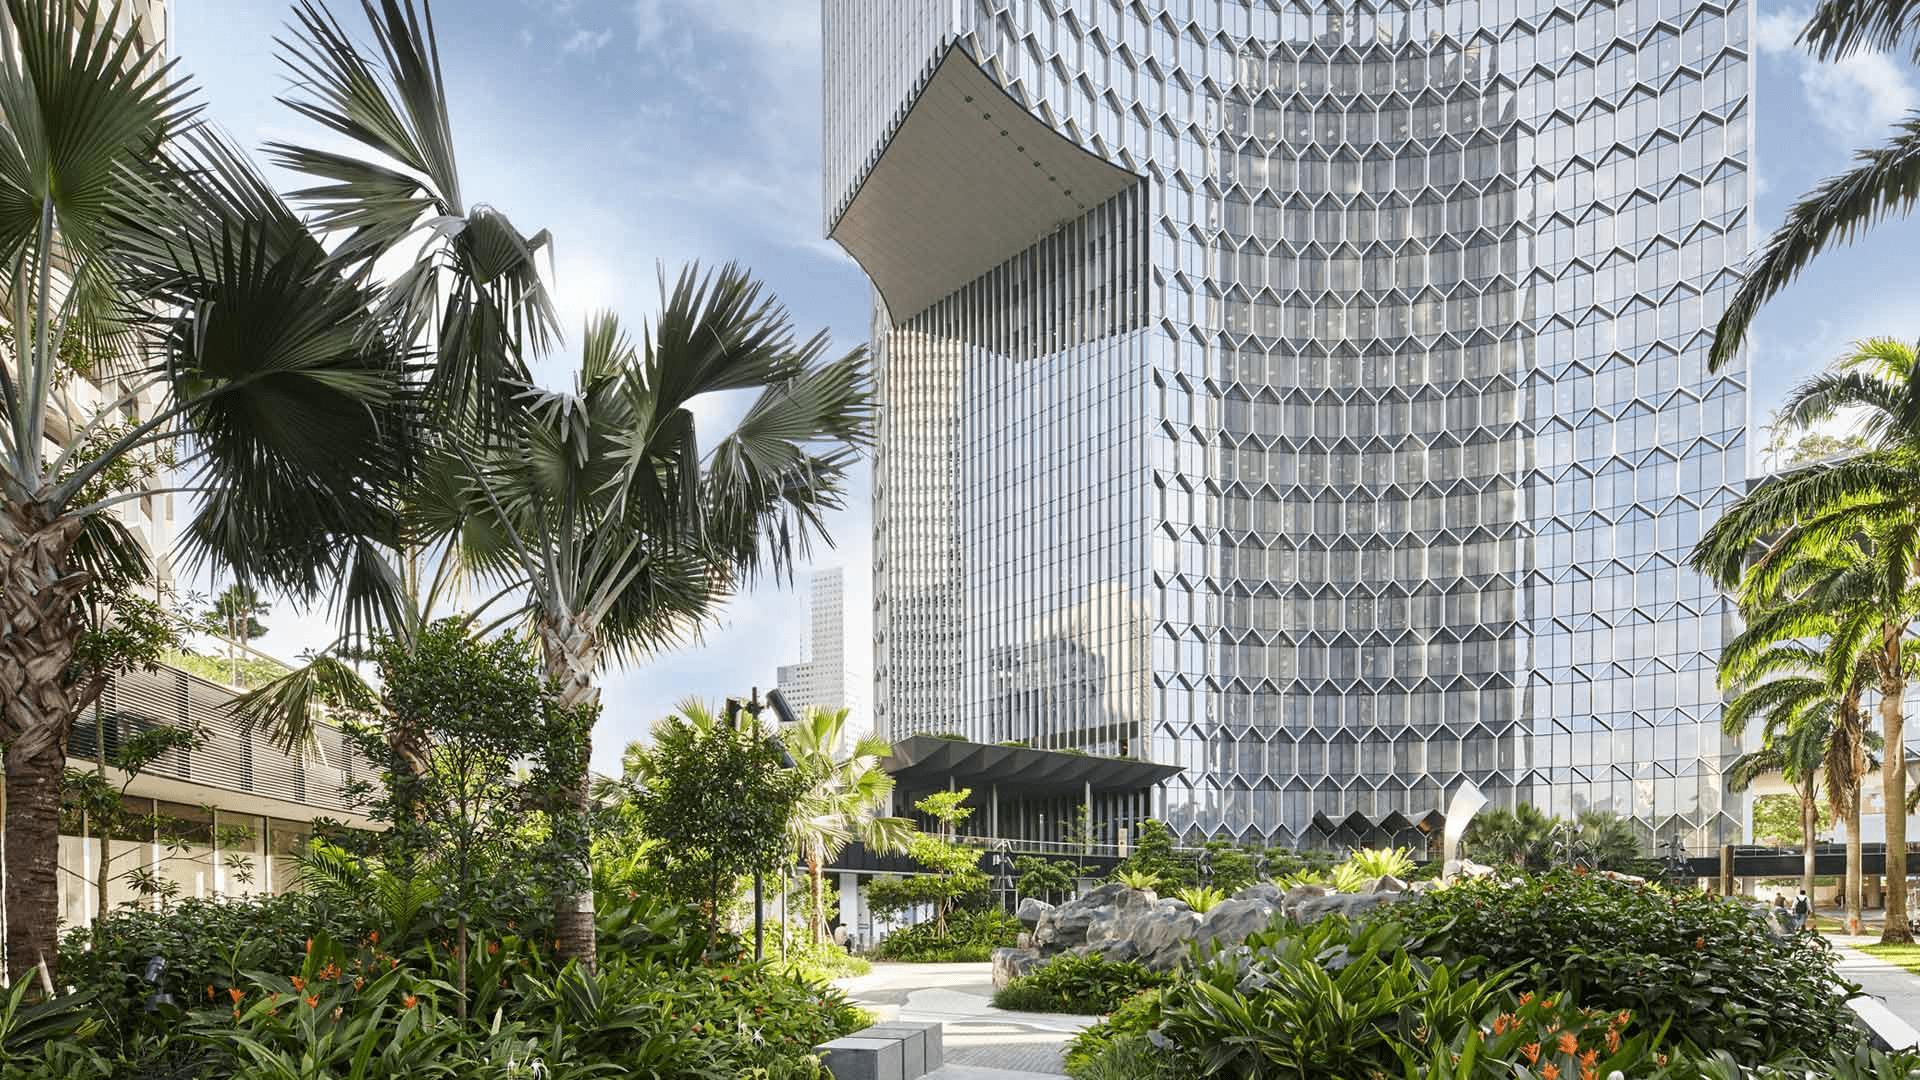 Duo Galleria garden singapore